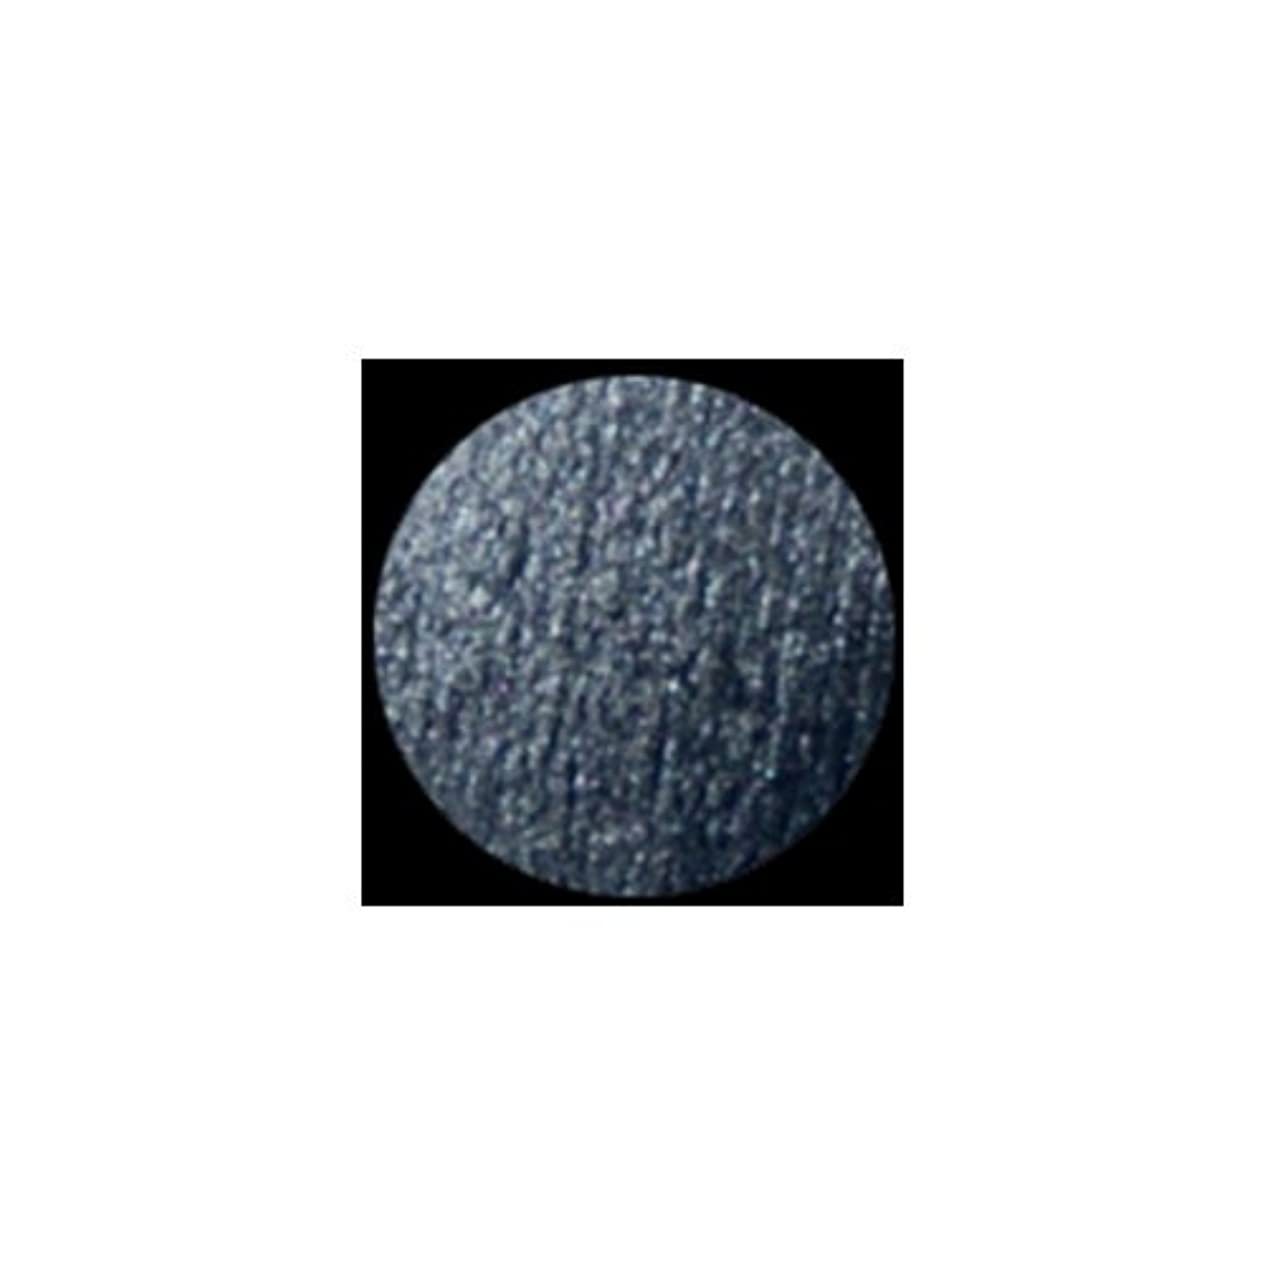 補助仲良し盟主KLEANCOLOR American Eyedol (Wet/Dry Baked Eyeshadow) - Onyx (並行輸入品)